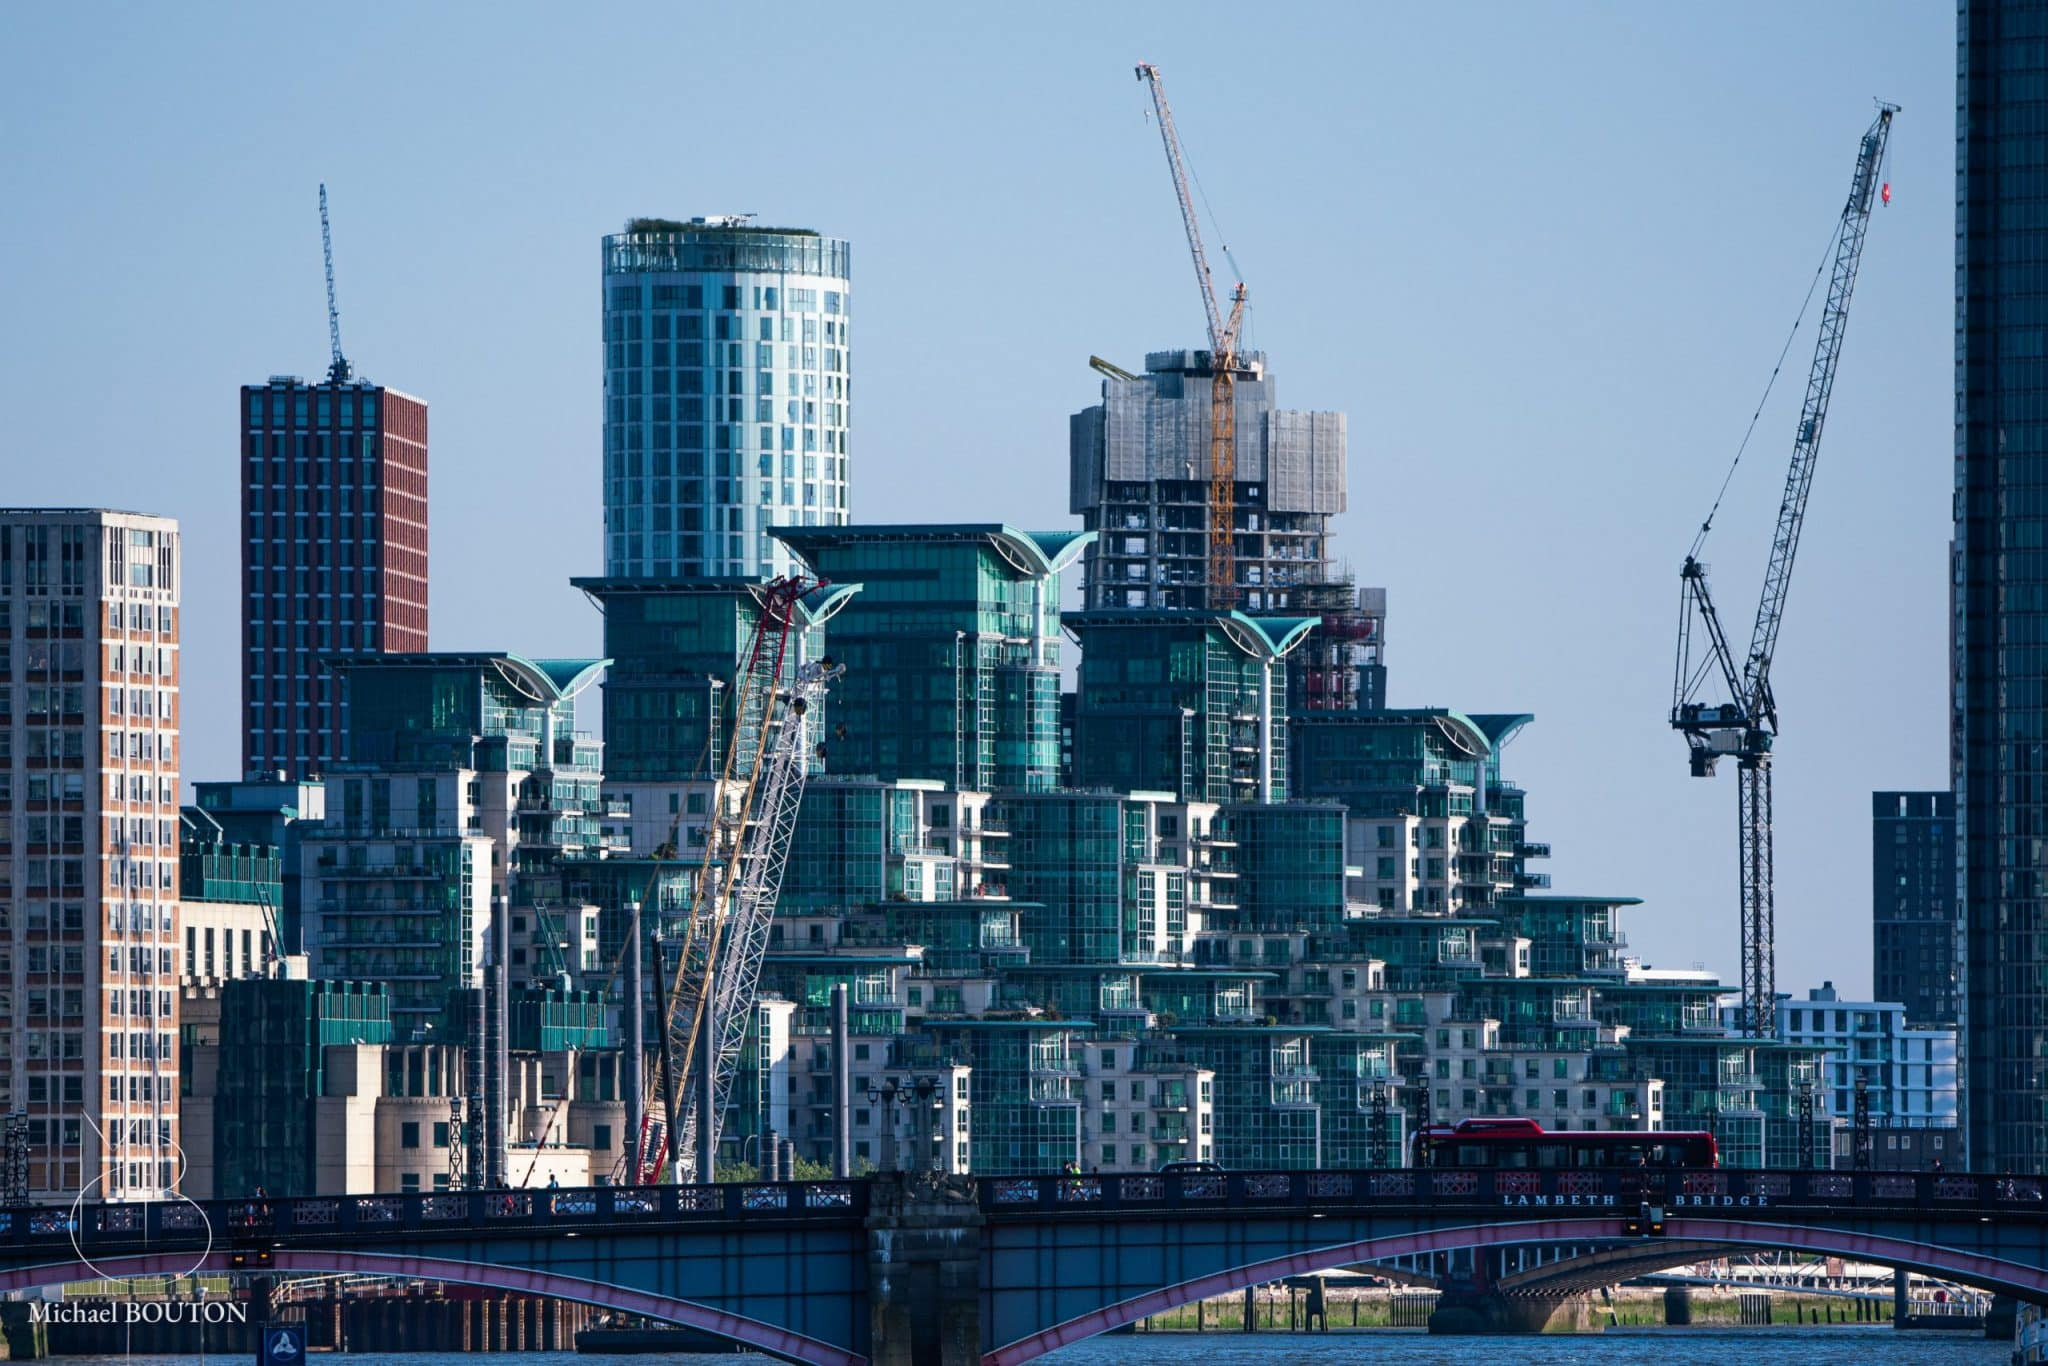 Photo de chantier dans le quartier de Vauxhall à Londres - Michael Bouton - photographe architecture - edifice-photo.com